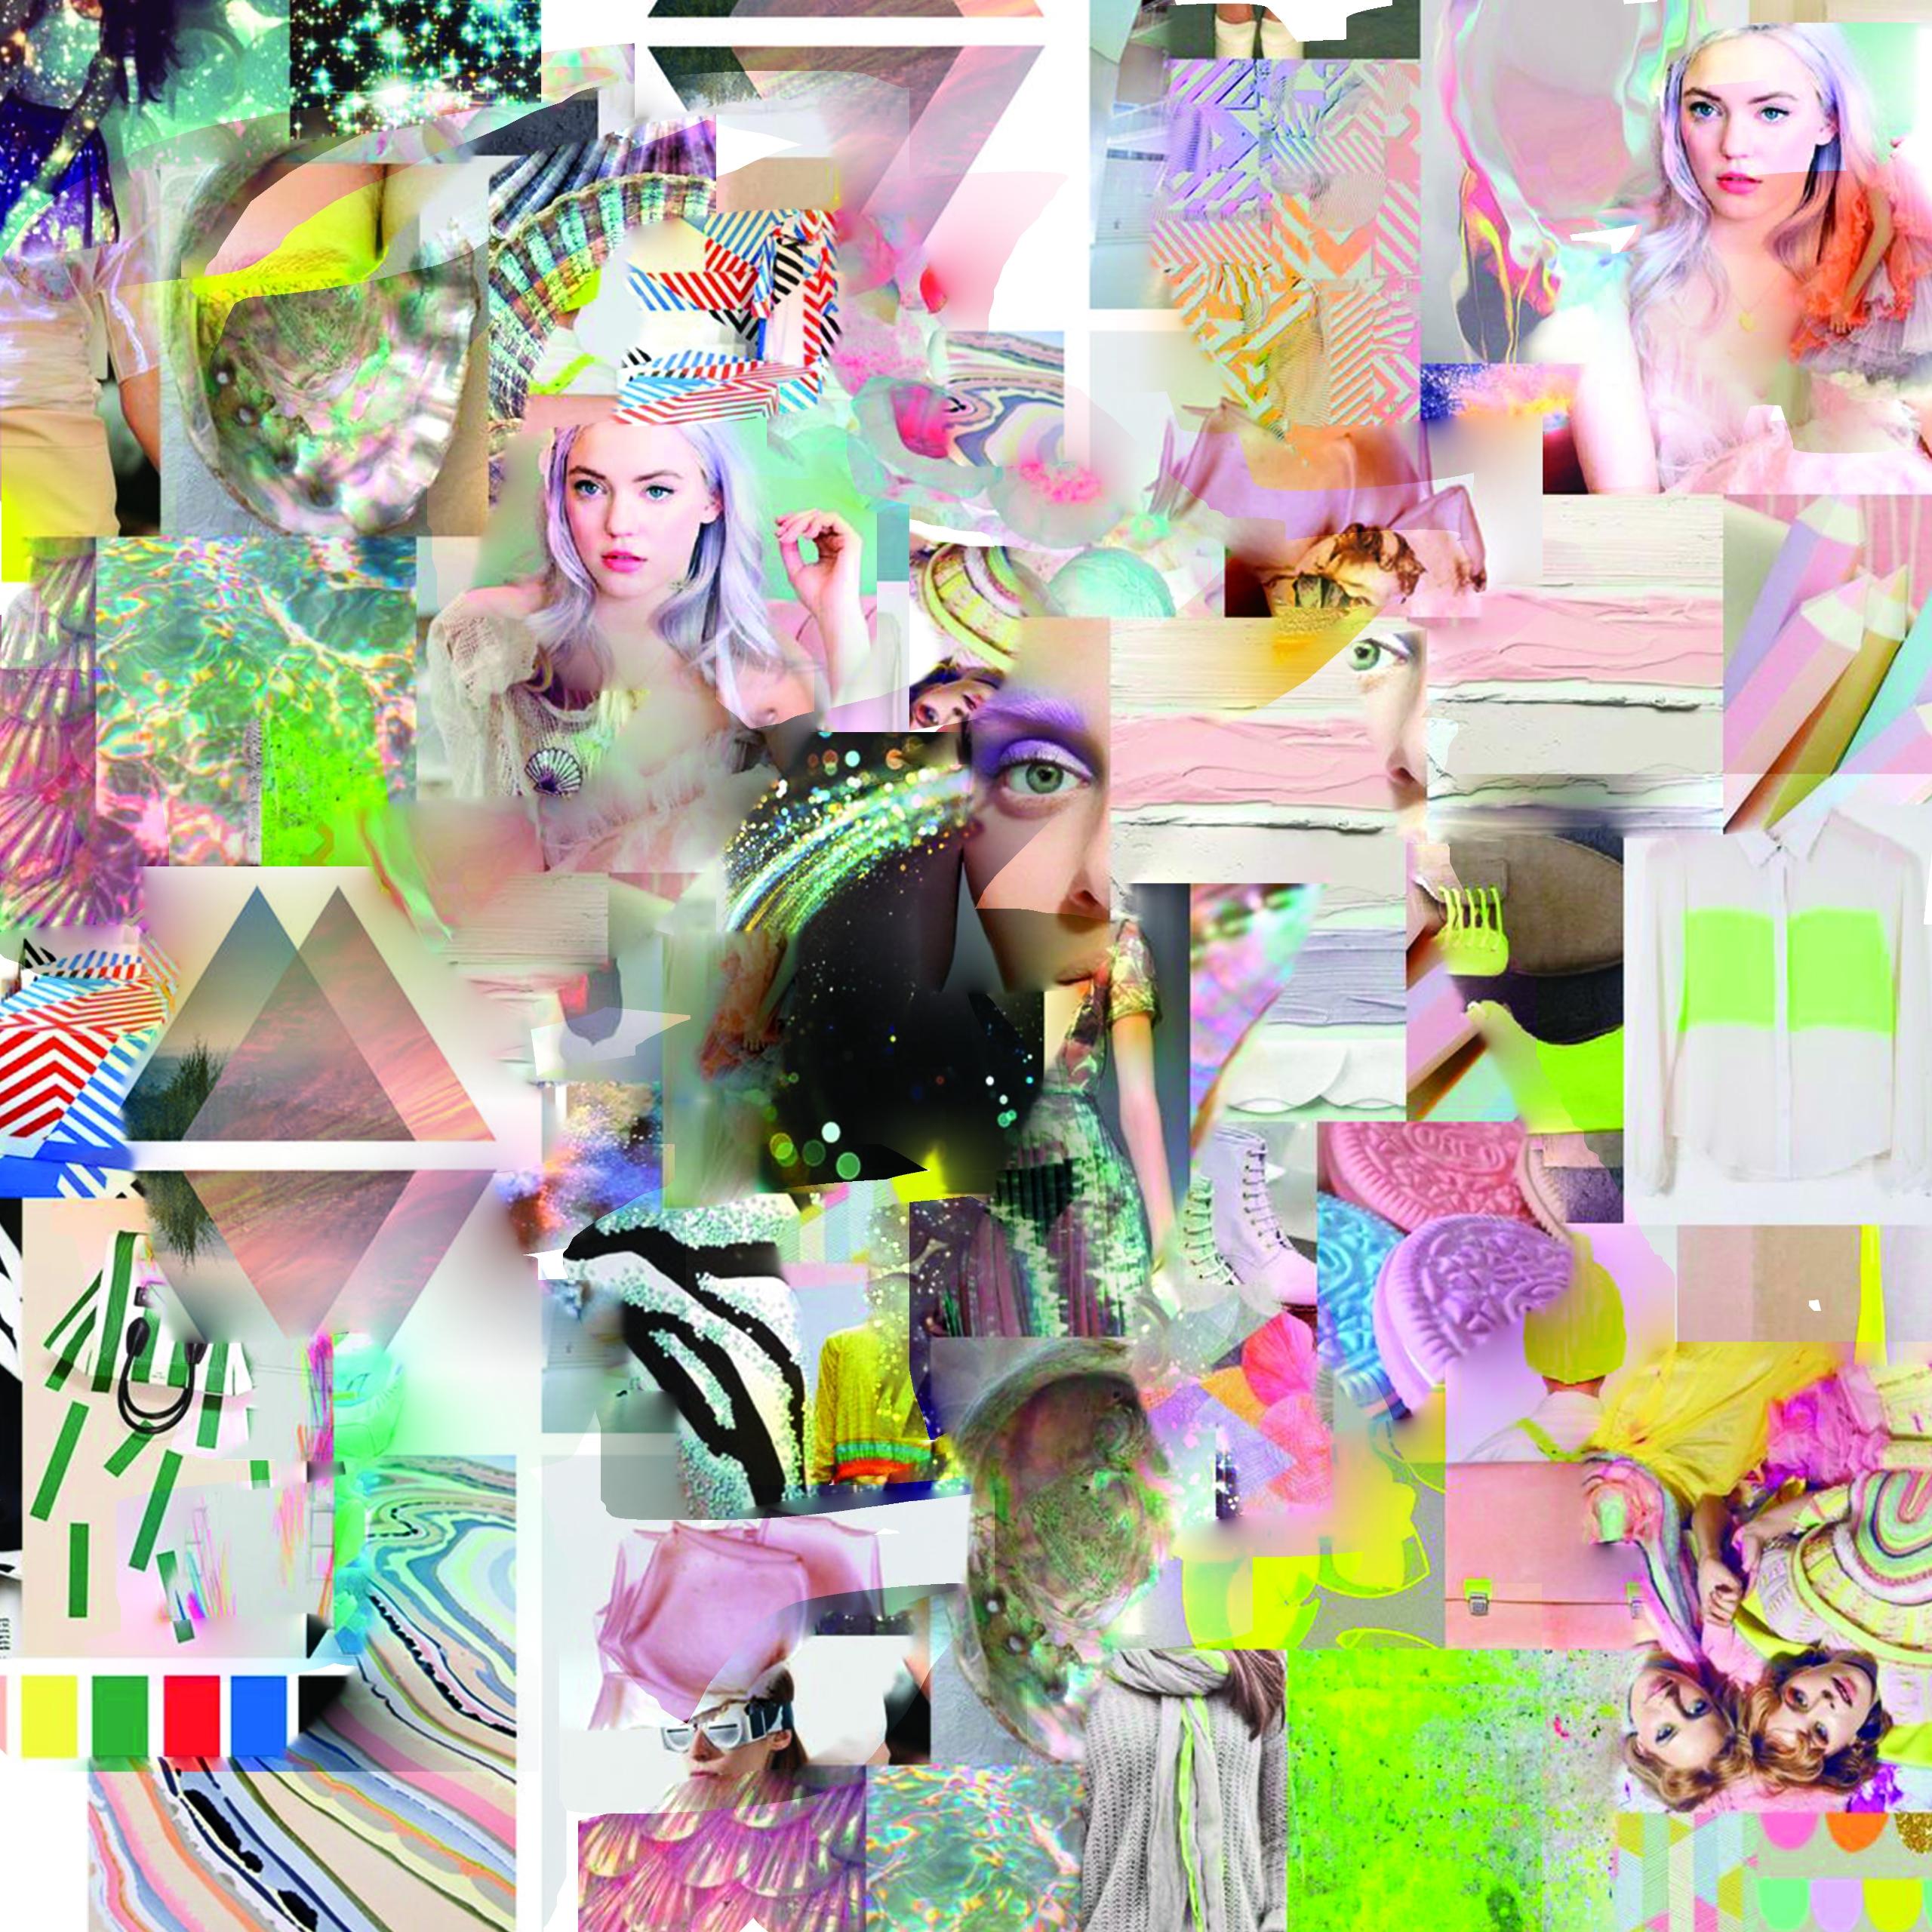 newmediaart digitalart internet - tu_ukz | ello